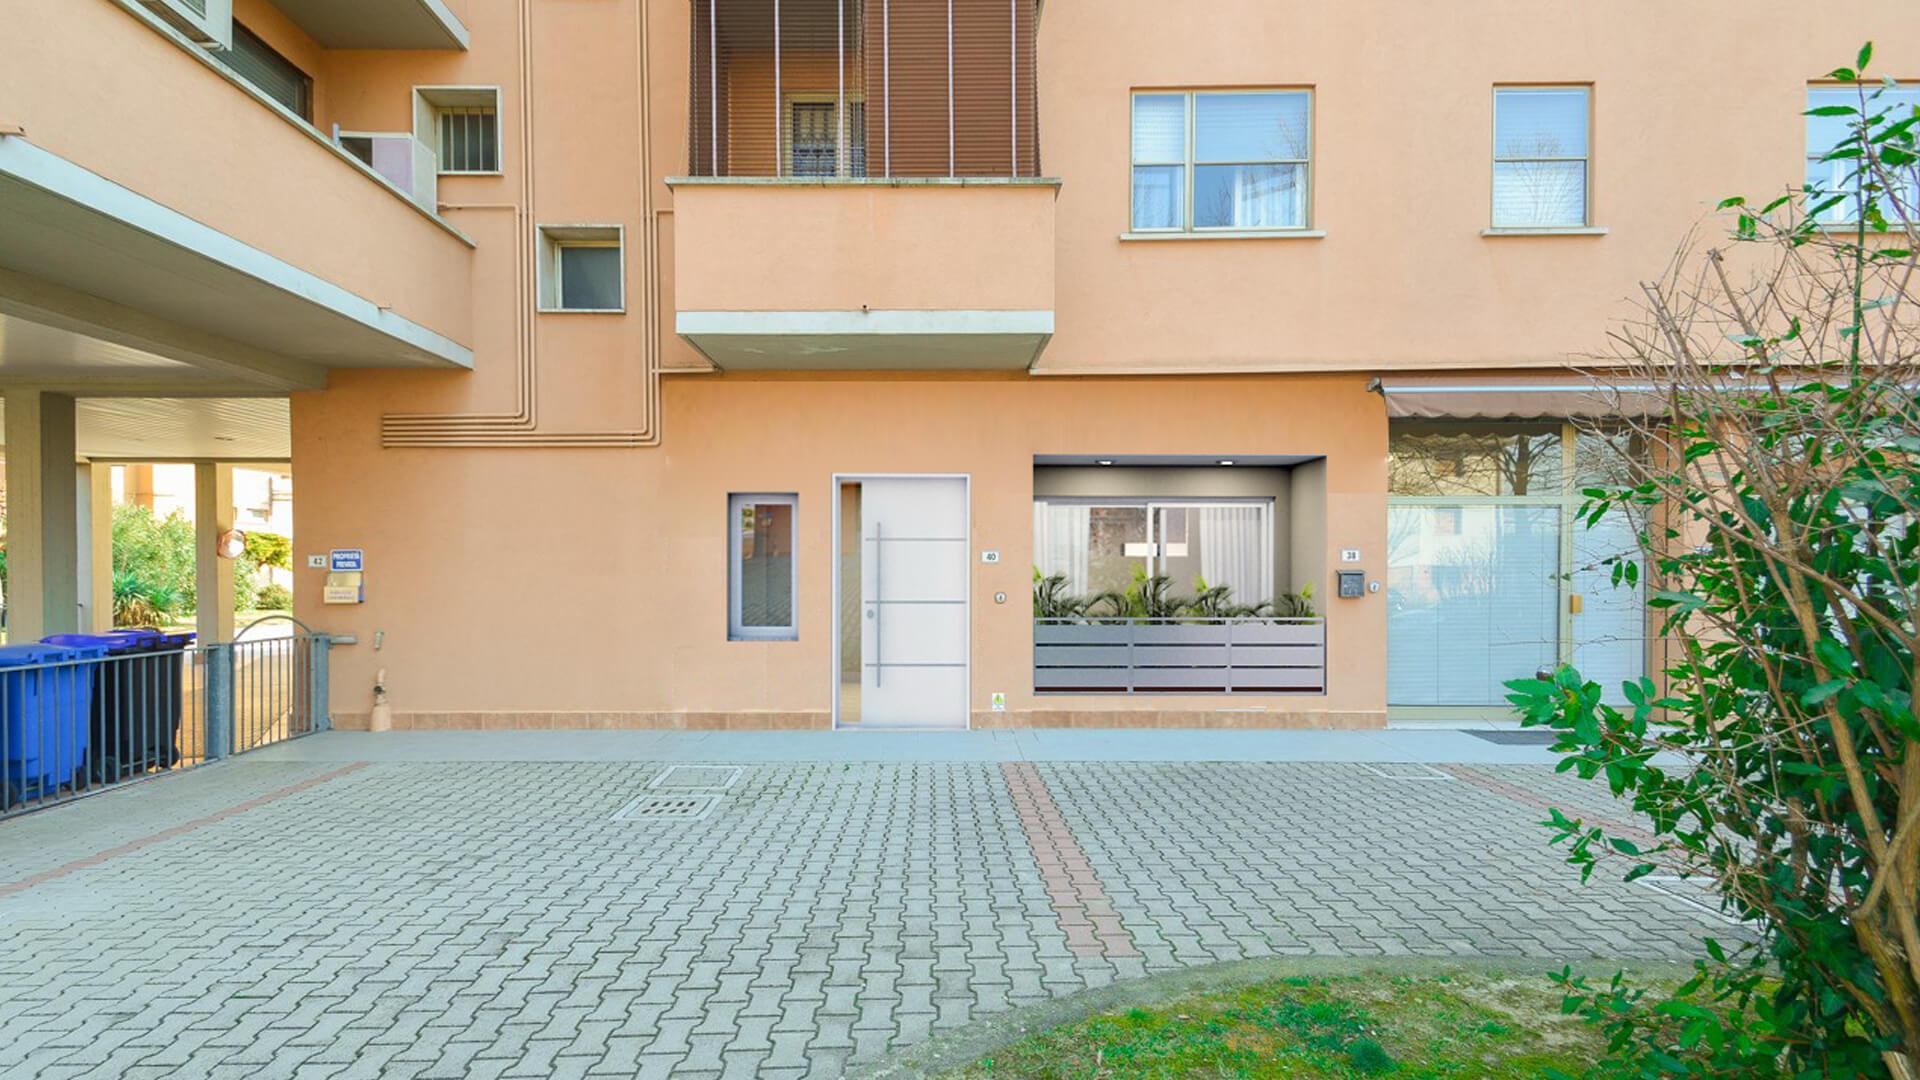 Progettazione e render appartamento. Località: Bologna